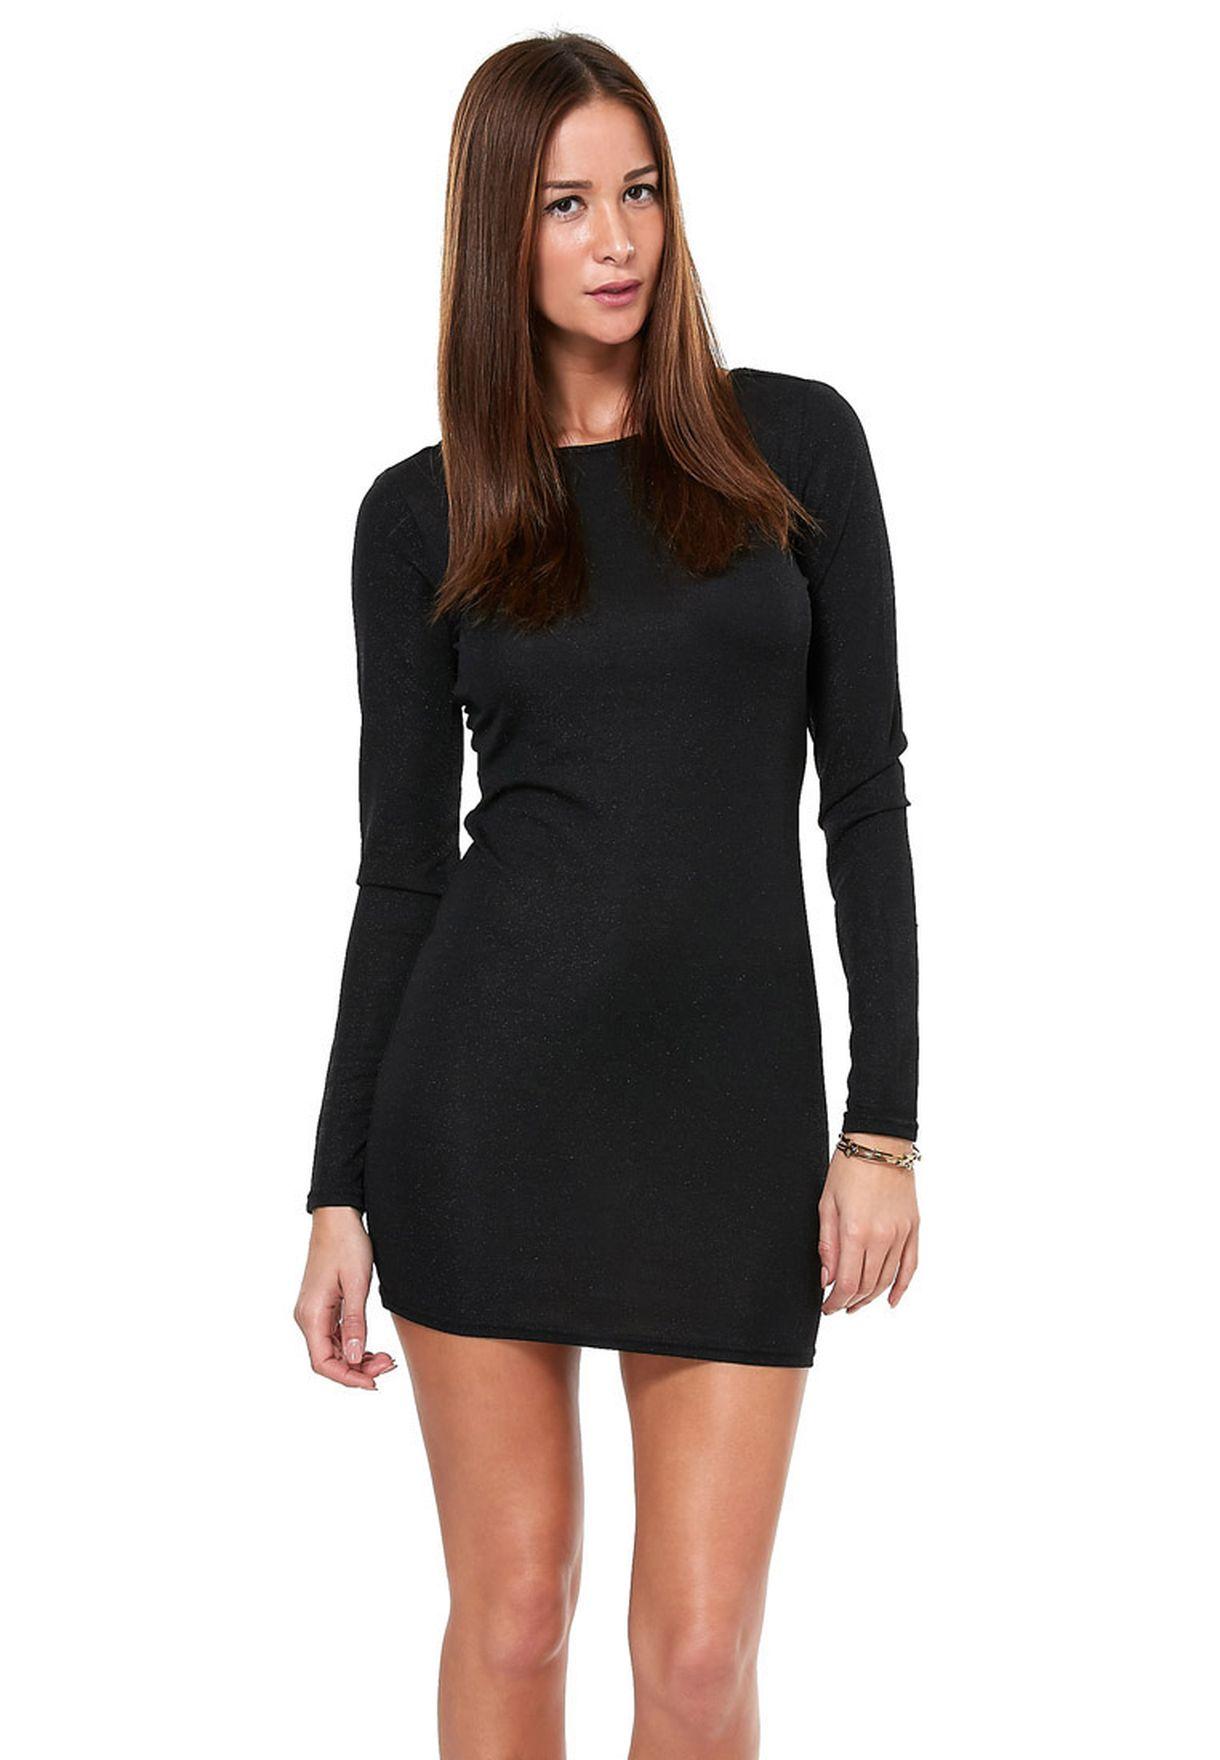 fbd0dd8d01144 Shop Vero Moda black Kallo LS Mini Dress for Women in Qatar ...